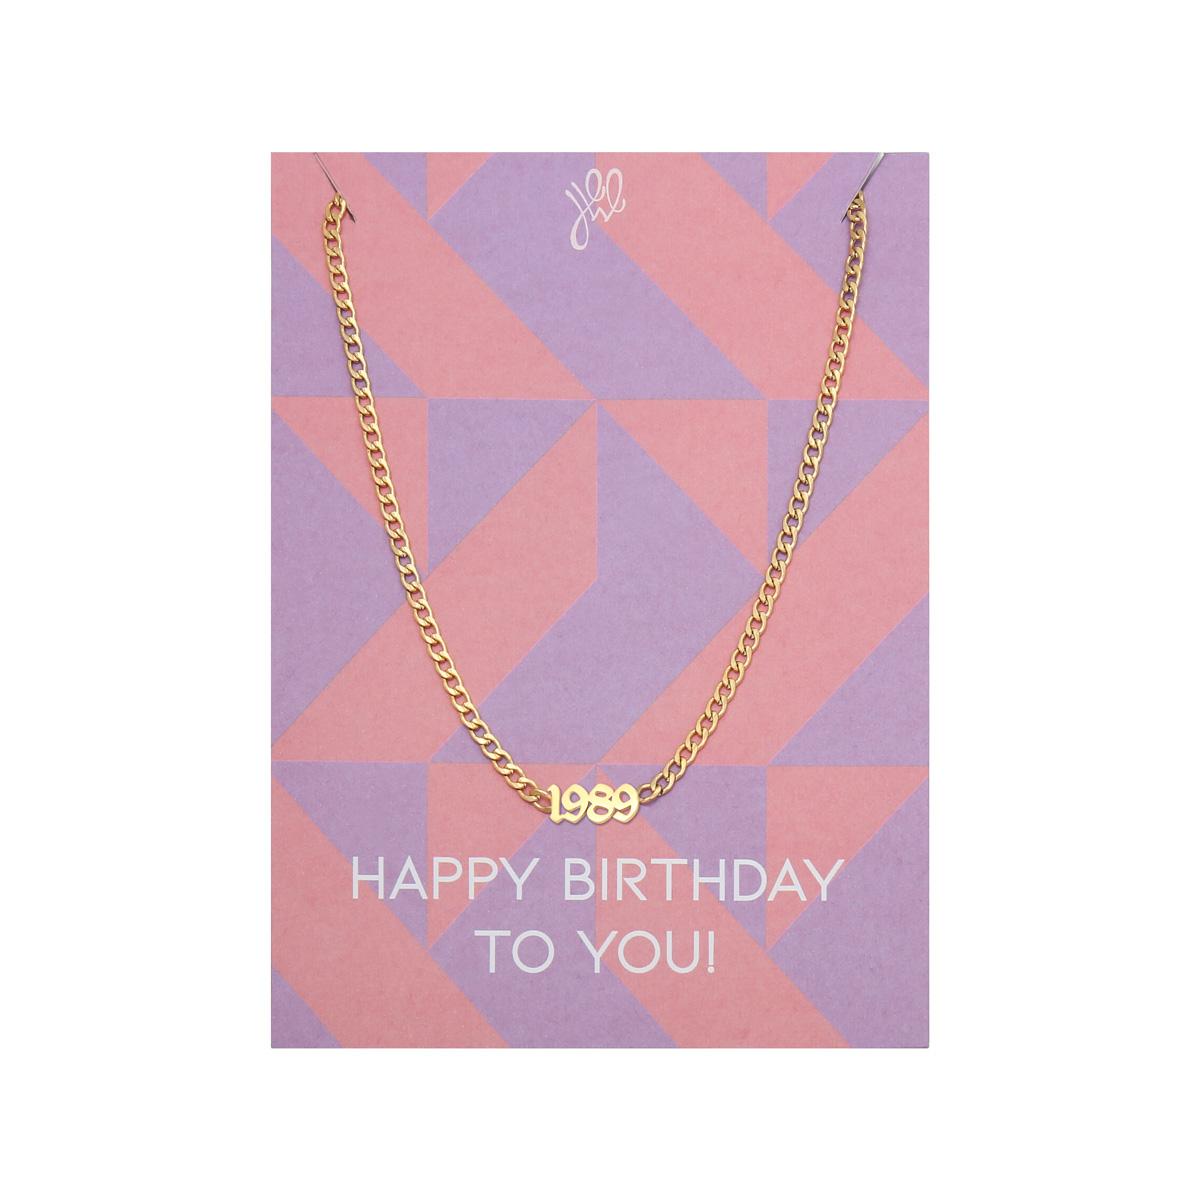 Ketting Happy Year Of Birth- 1993